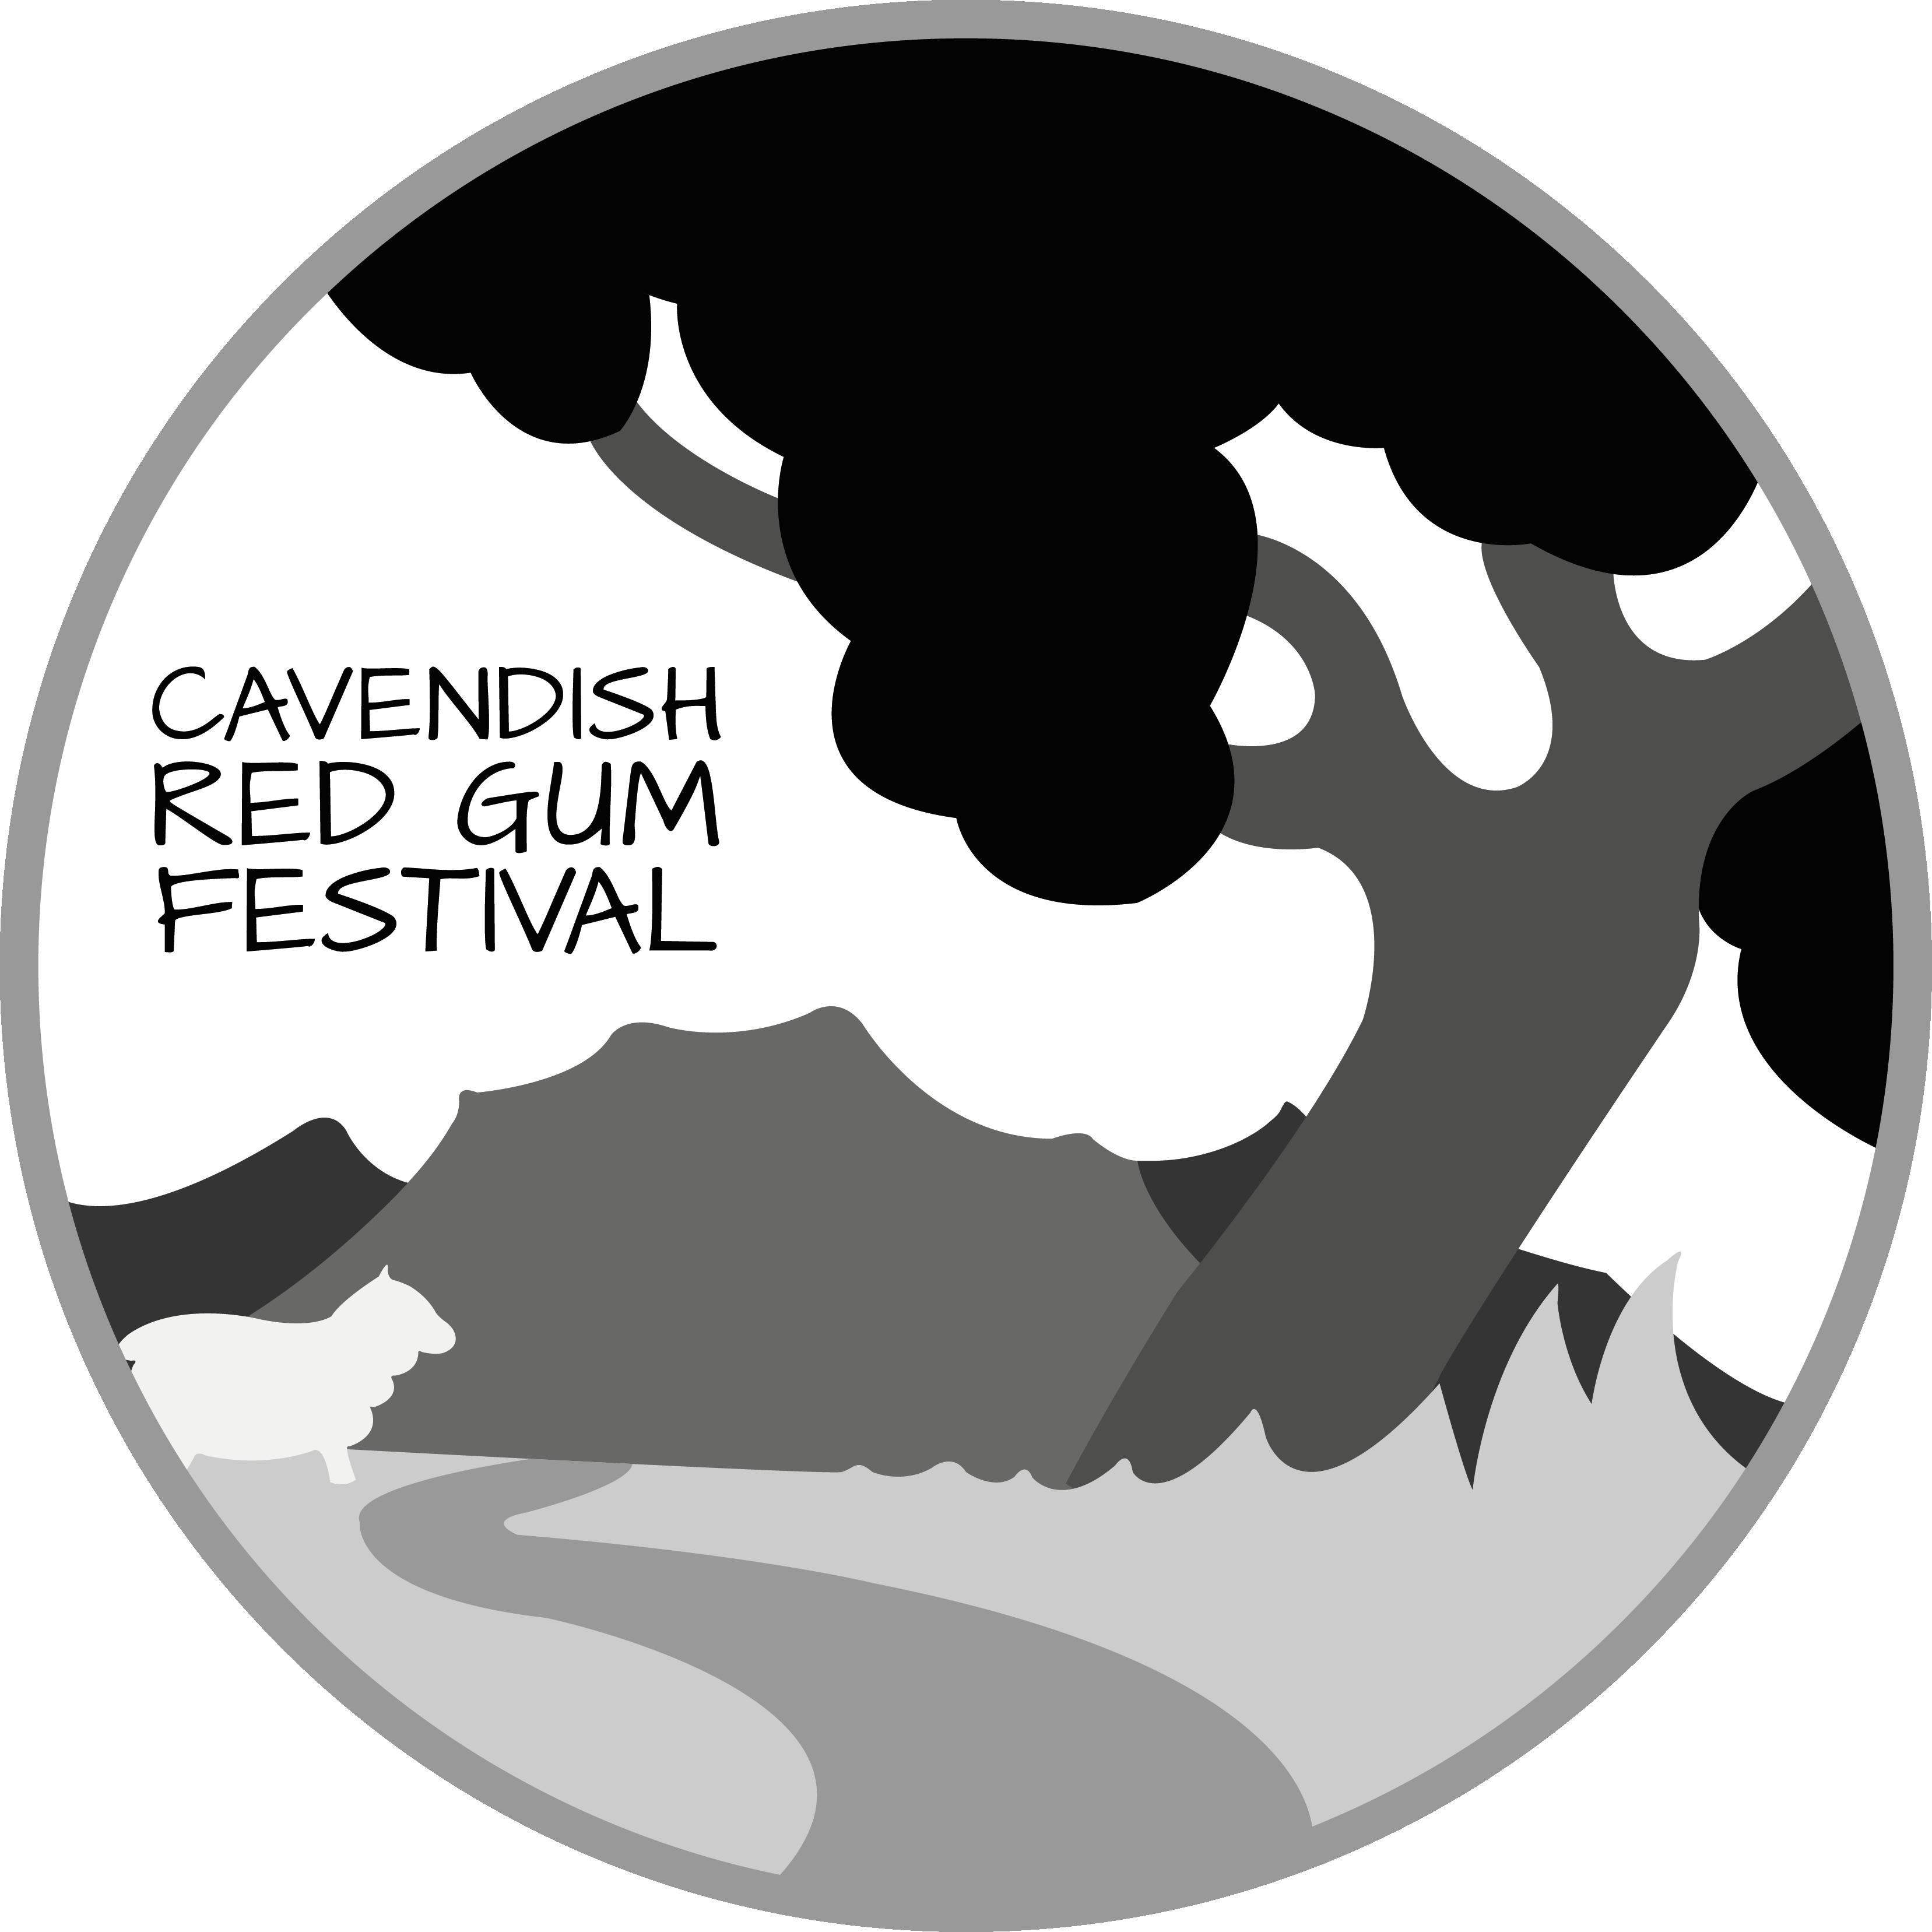 2020 Cavendish Red Gum Festival